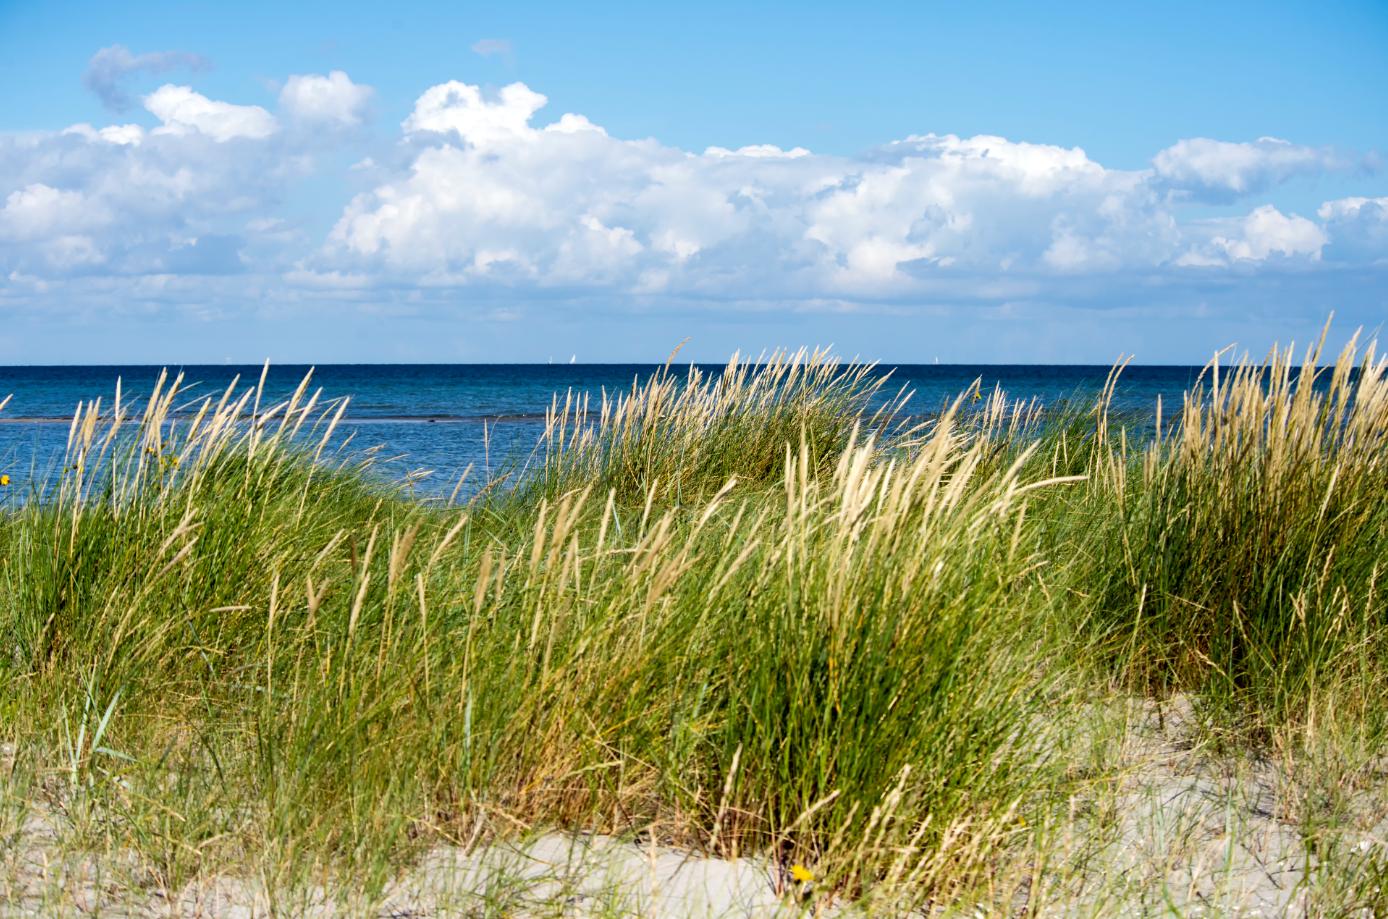 Venstre vil sikre god mobilitet og muligheder for landdistrikter og de danske øer.